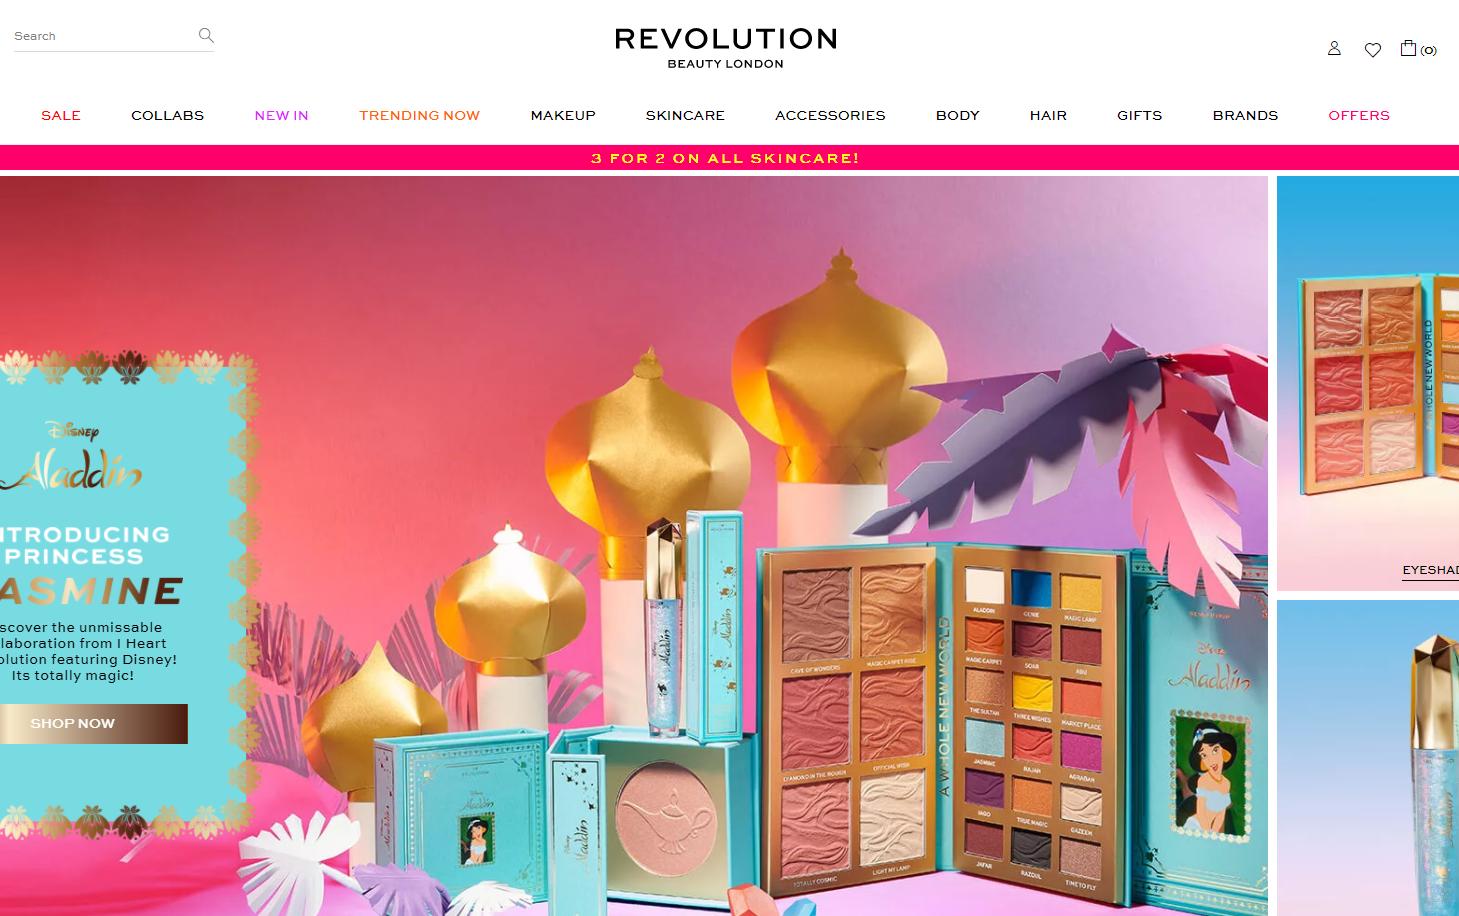 英国美妆护肤品牌 Revolution Beauty 即将上市,市值或达4.95亿英镑